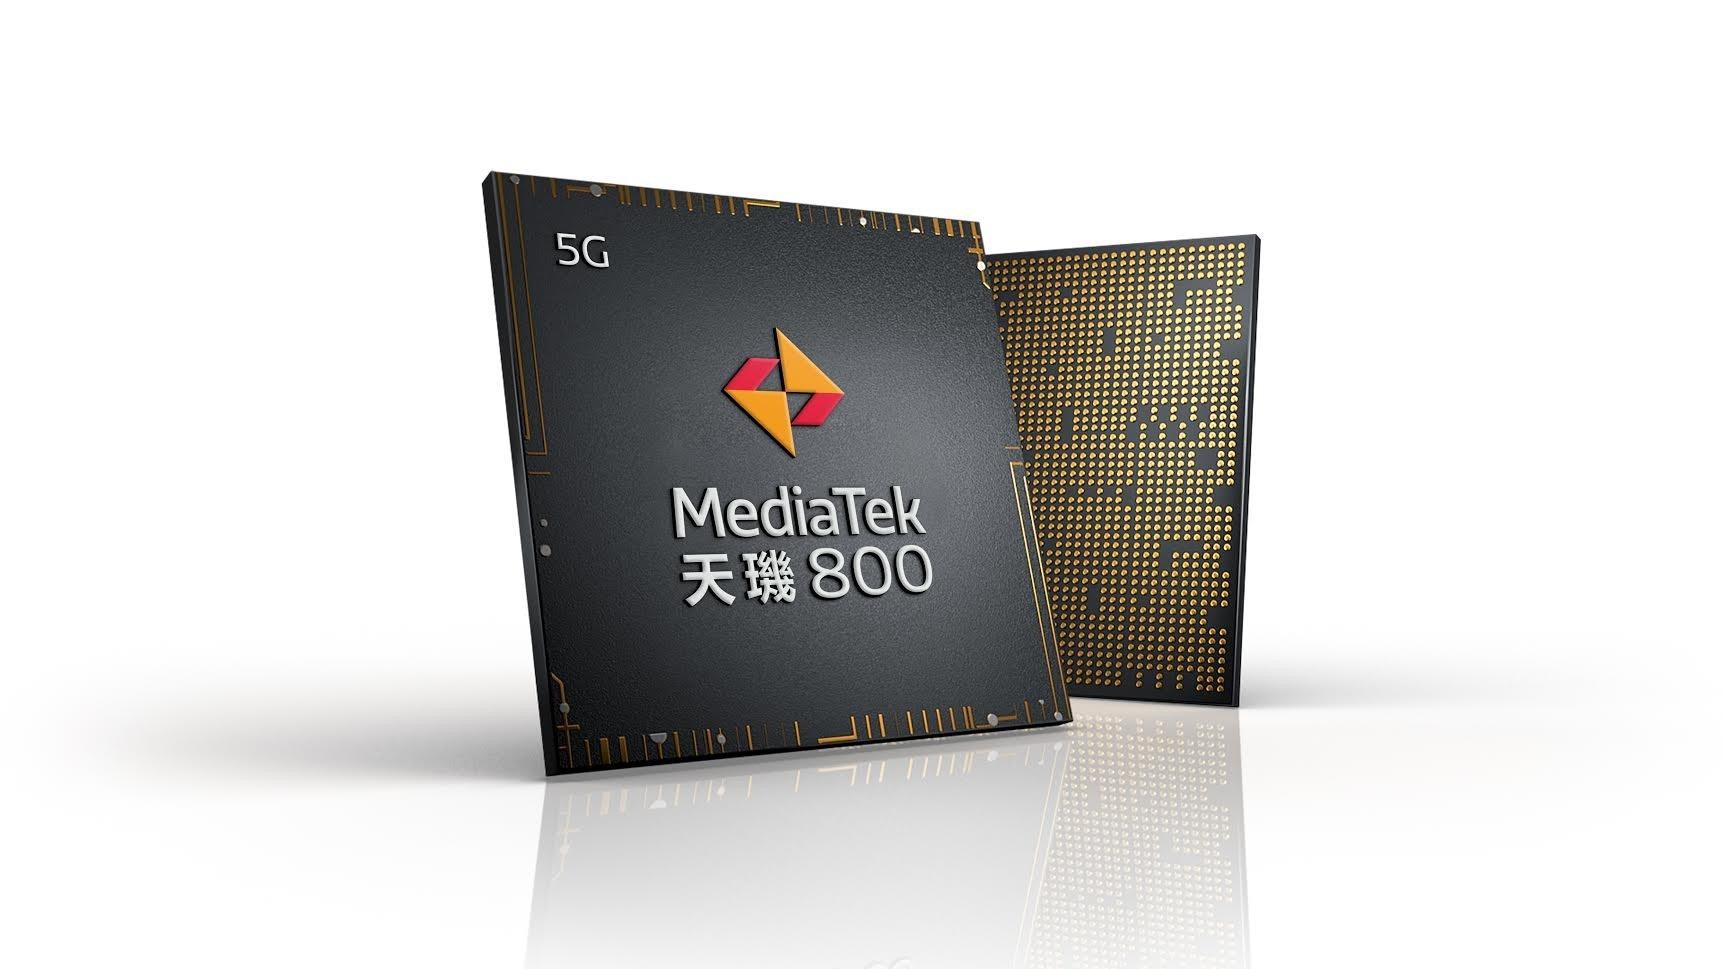 照片中提到了5G、MediaTek、天瑞800,跟歐洲化學、聯發科有關,包含了天璣1000、移動電話、片上系統、7納米